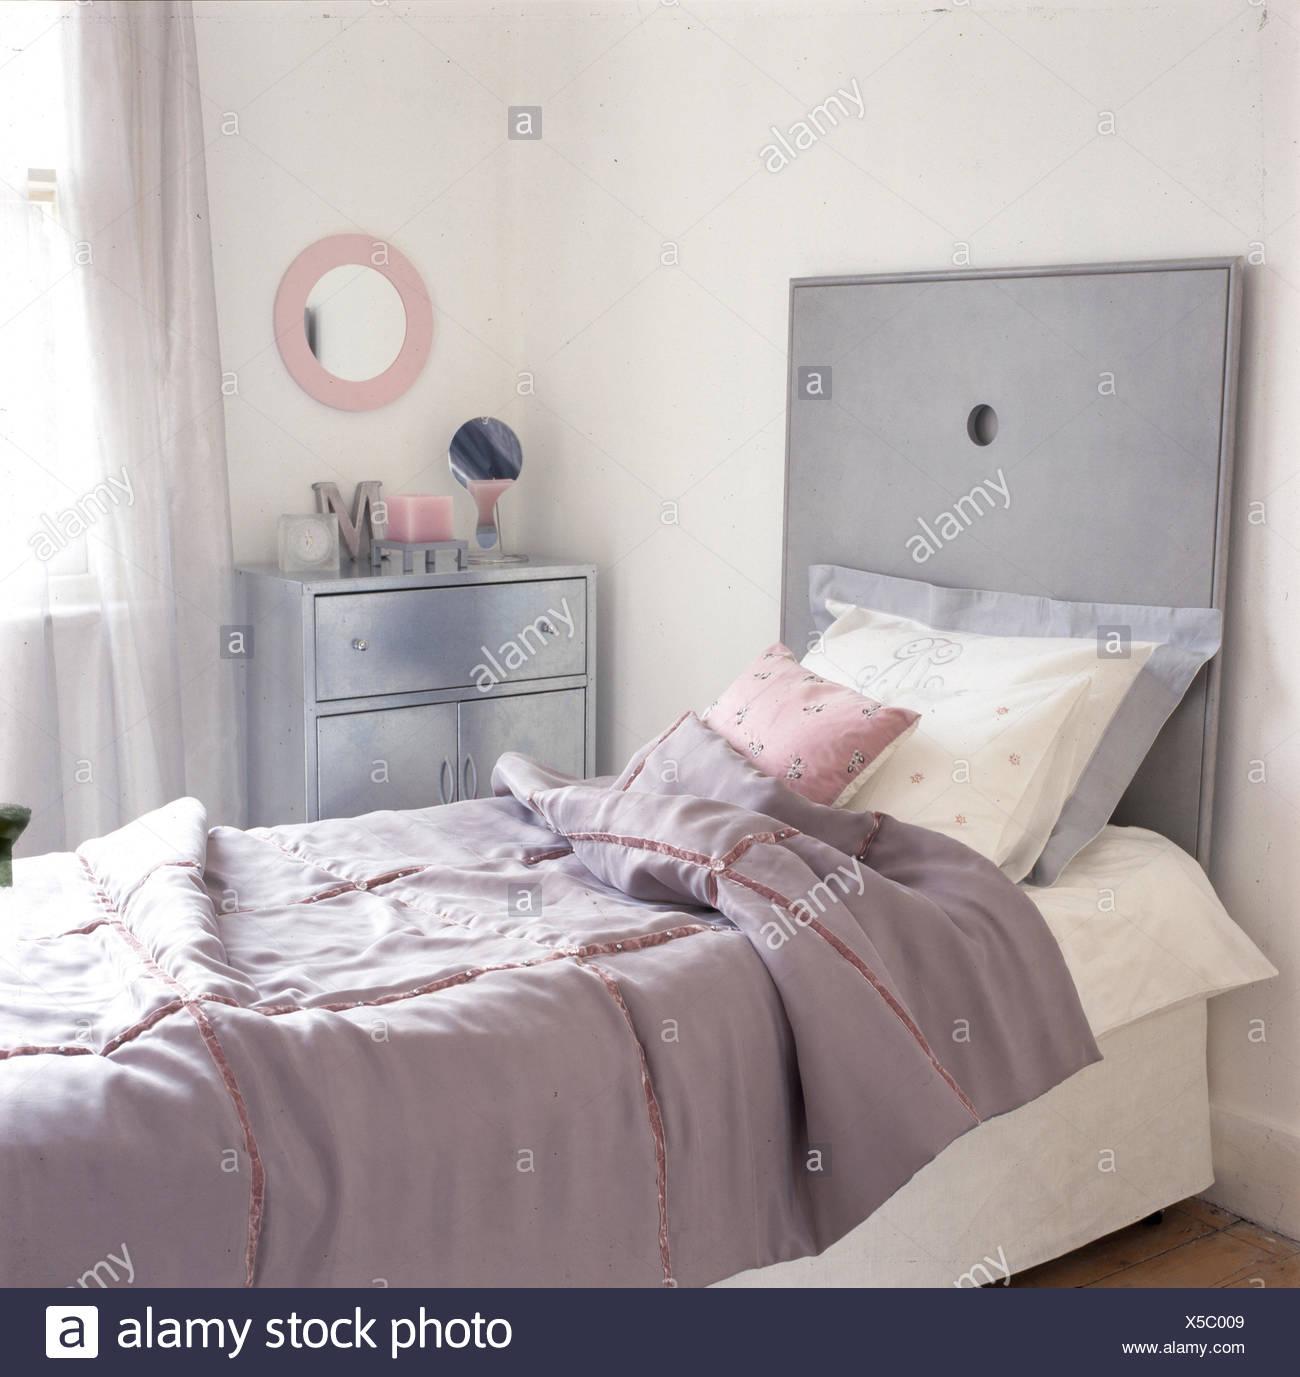 Cama Individual En Habitacion Femenina Con Combinacion De Colores - Combinacion-colores-habitacion